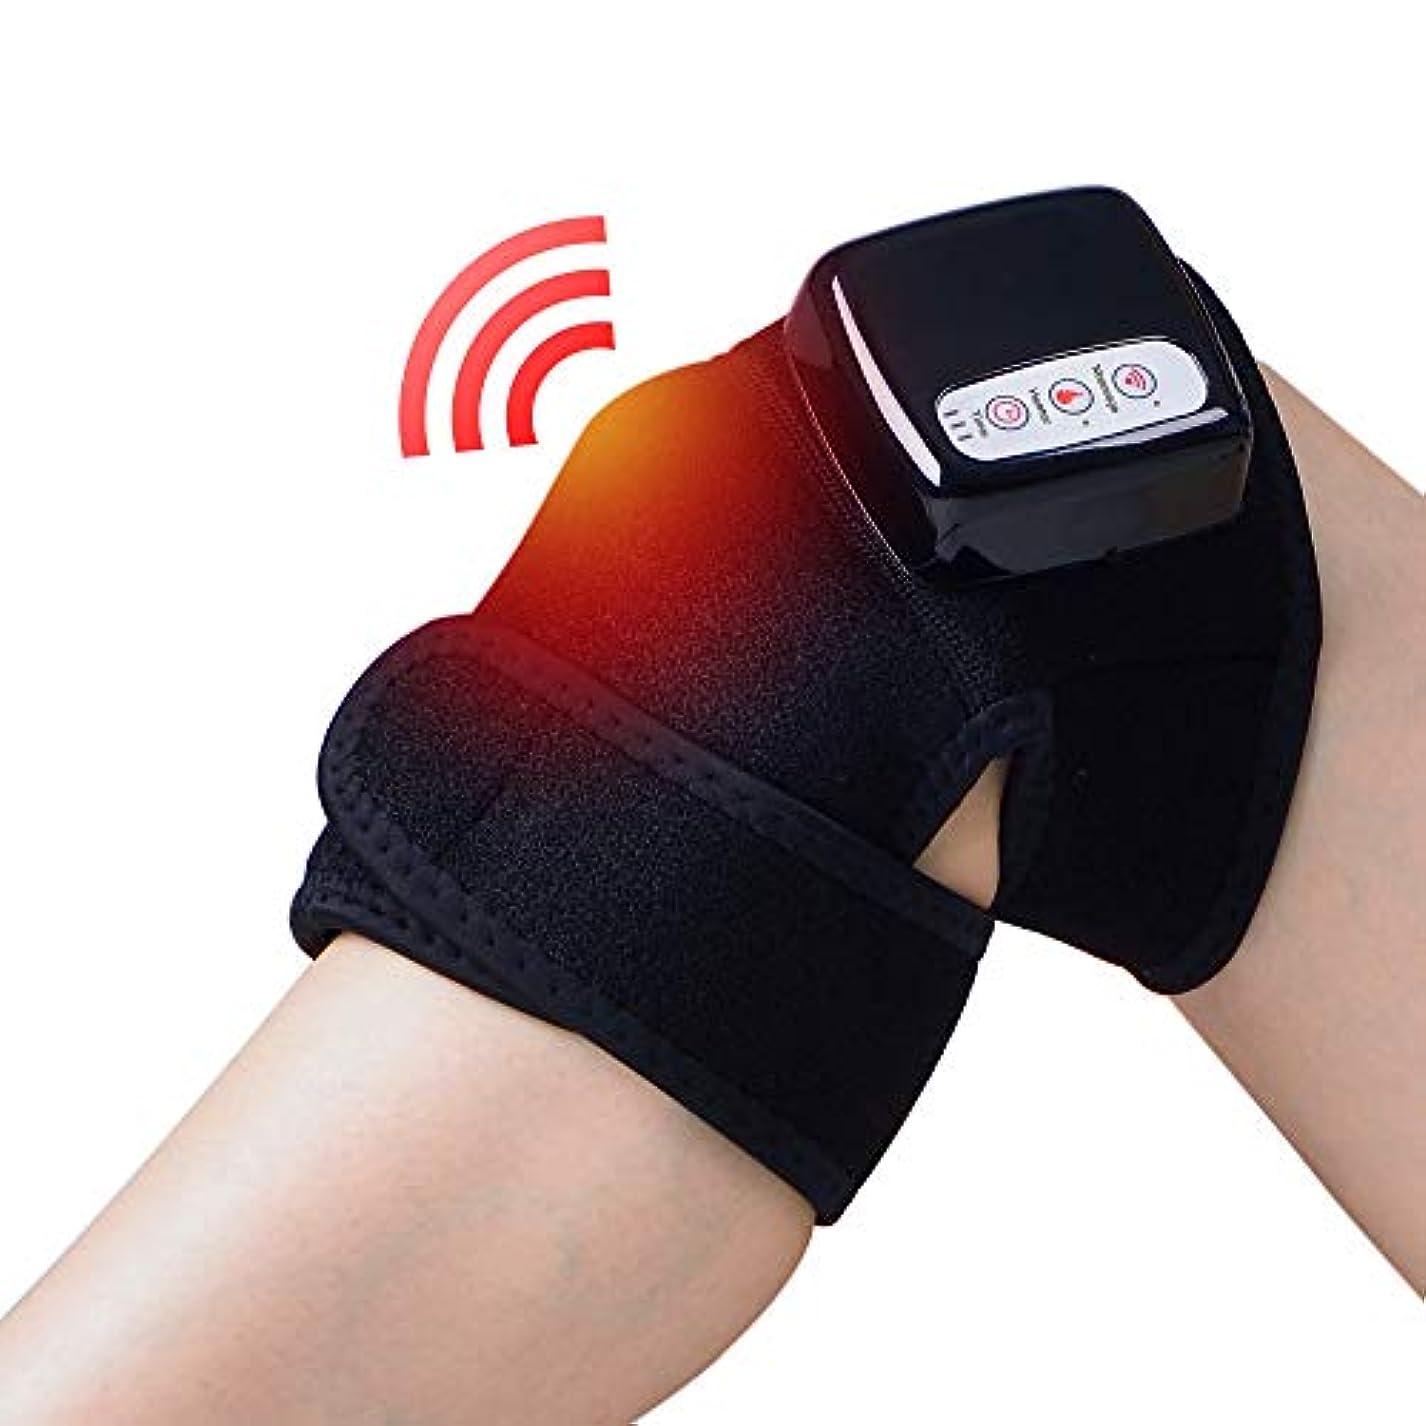 階層準備マウンドChuangyue 膝関節加熱マッサージ マッサージ器 フットマッサージャー ひざ マッサージャー 振動 赤外線療法 温熱療法 膝サポーター ストレス解消 膝マット 太もも/腕対応